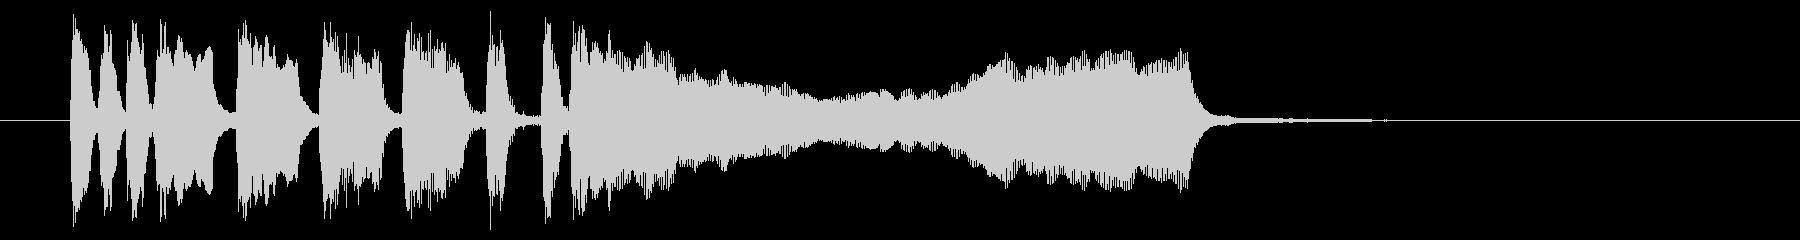 テテテテー!高音ブラス系のファンファーレの未再生の波形